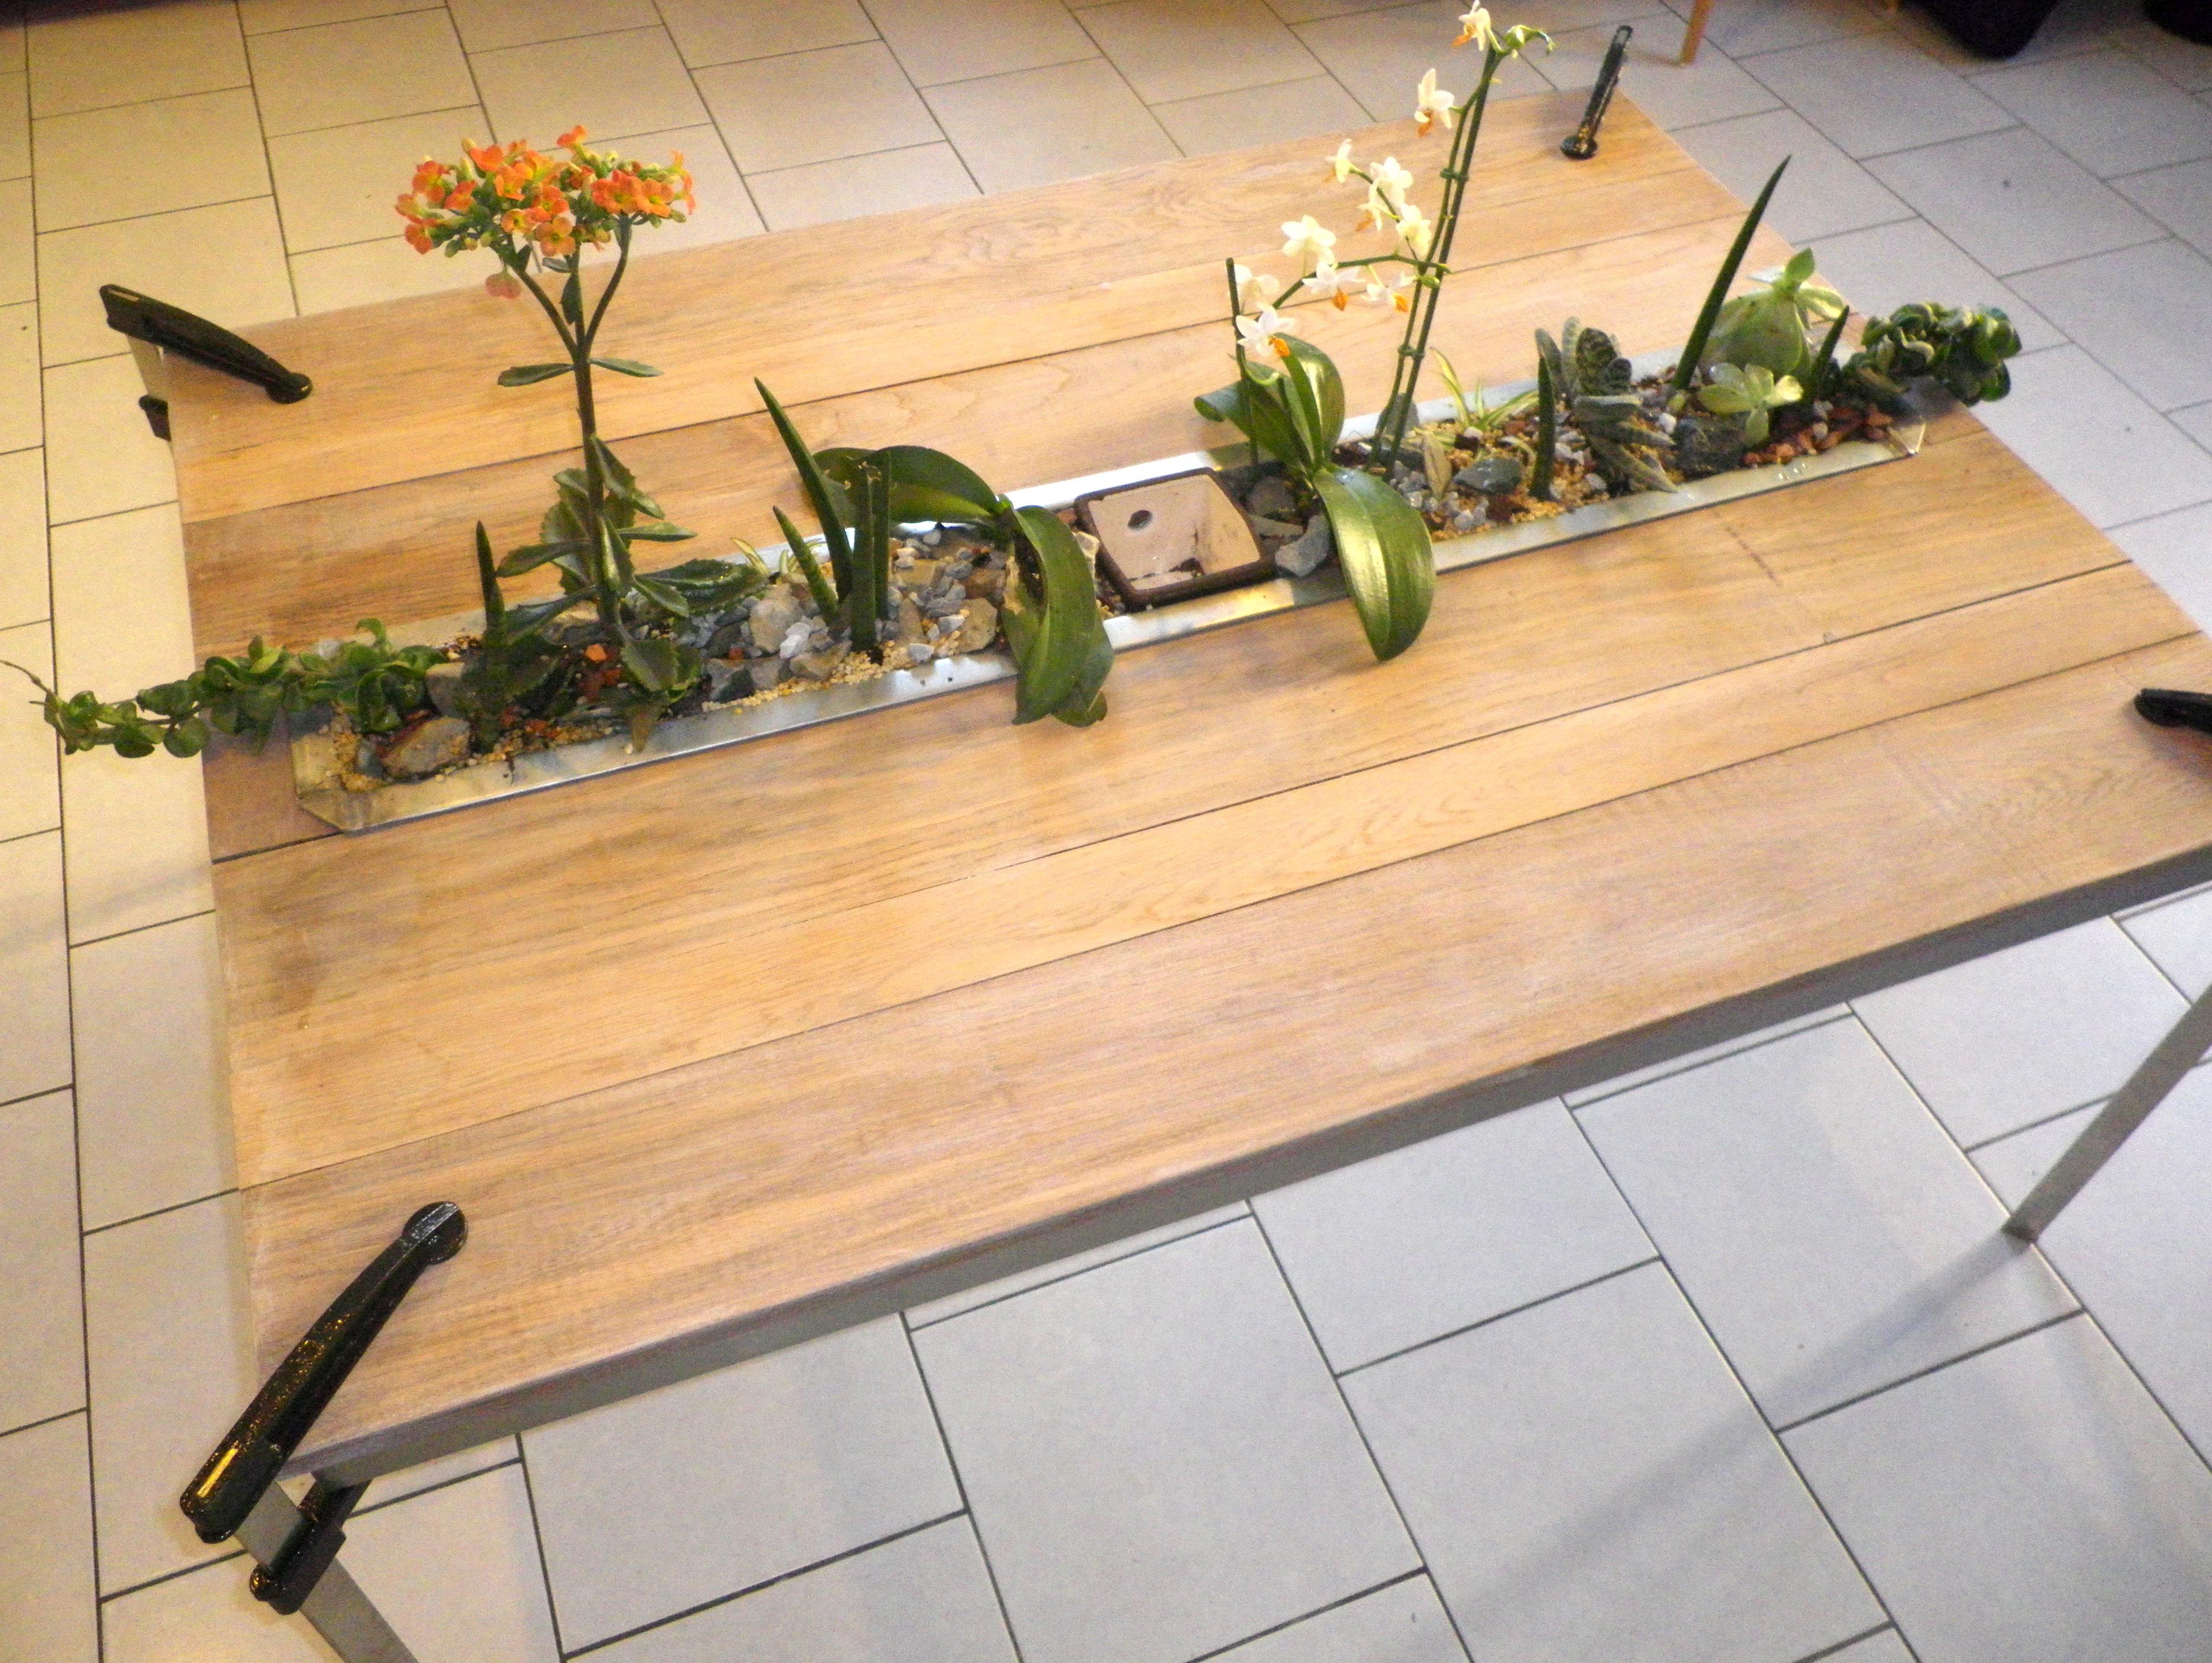 Nouvelles cr ations d couvrez nos tables aquav g tales for Entretien jardin sarthe